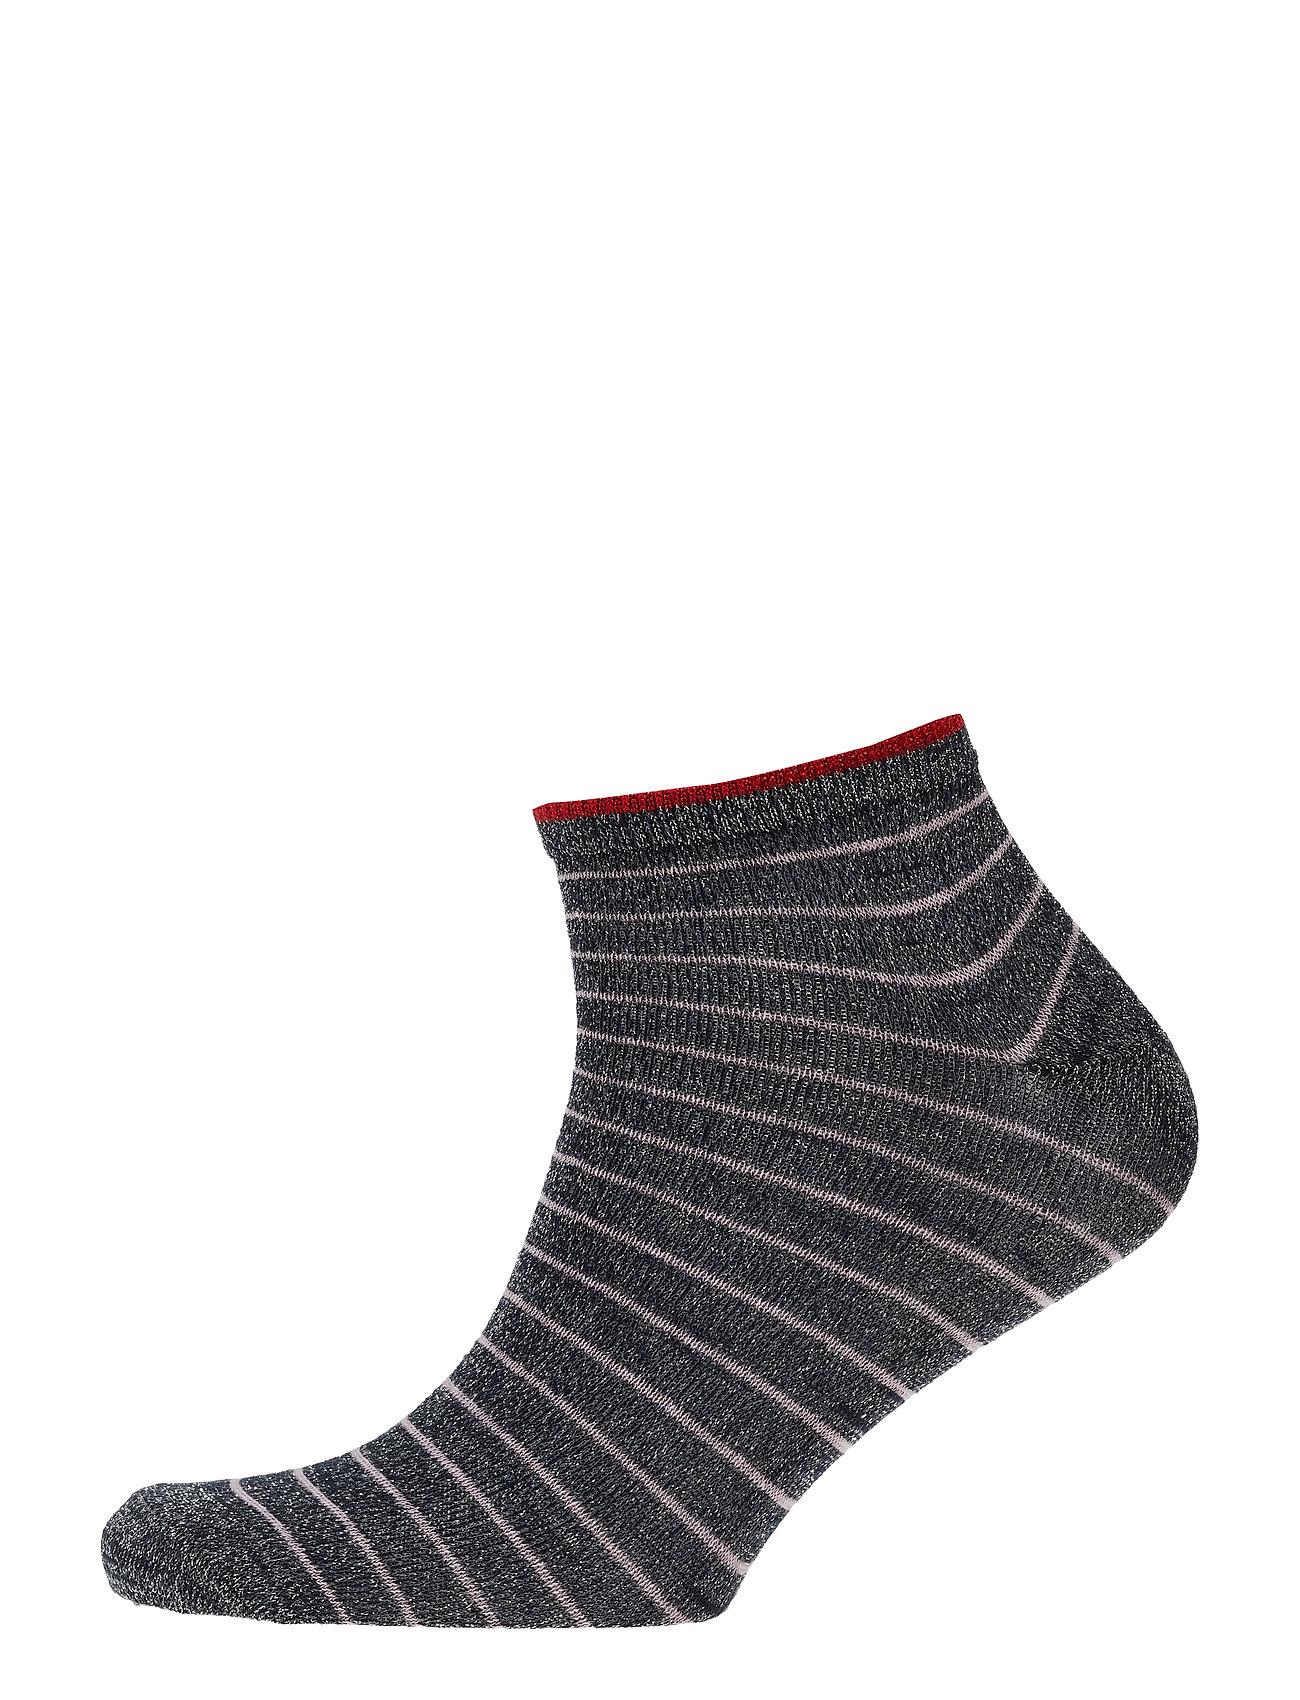 BECKSÖNDERGAARD Dollie Stripe Sock - NAVY BLUE